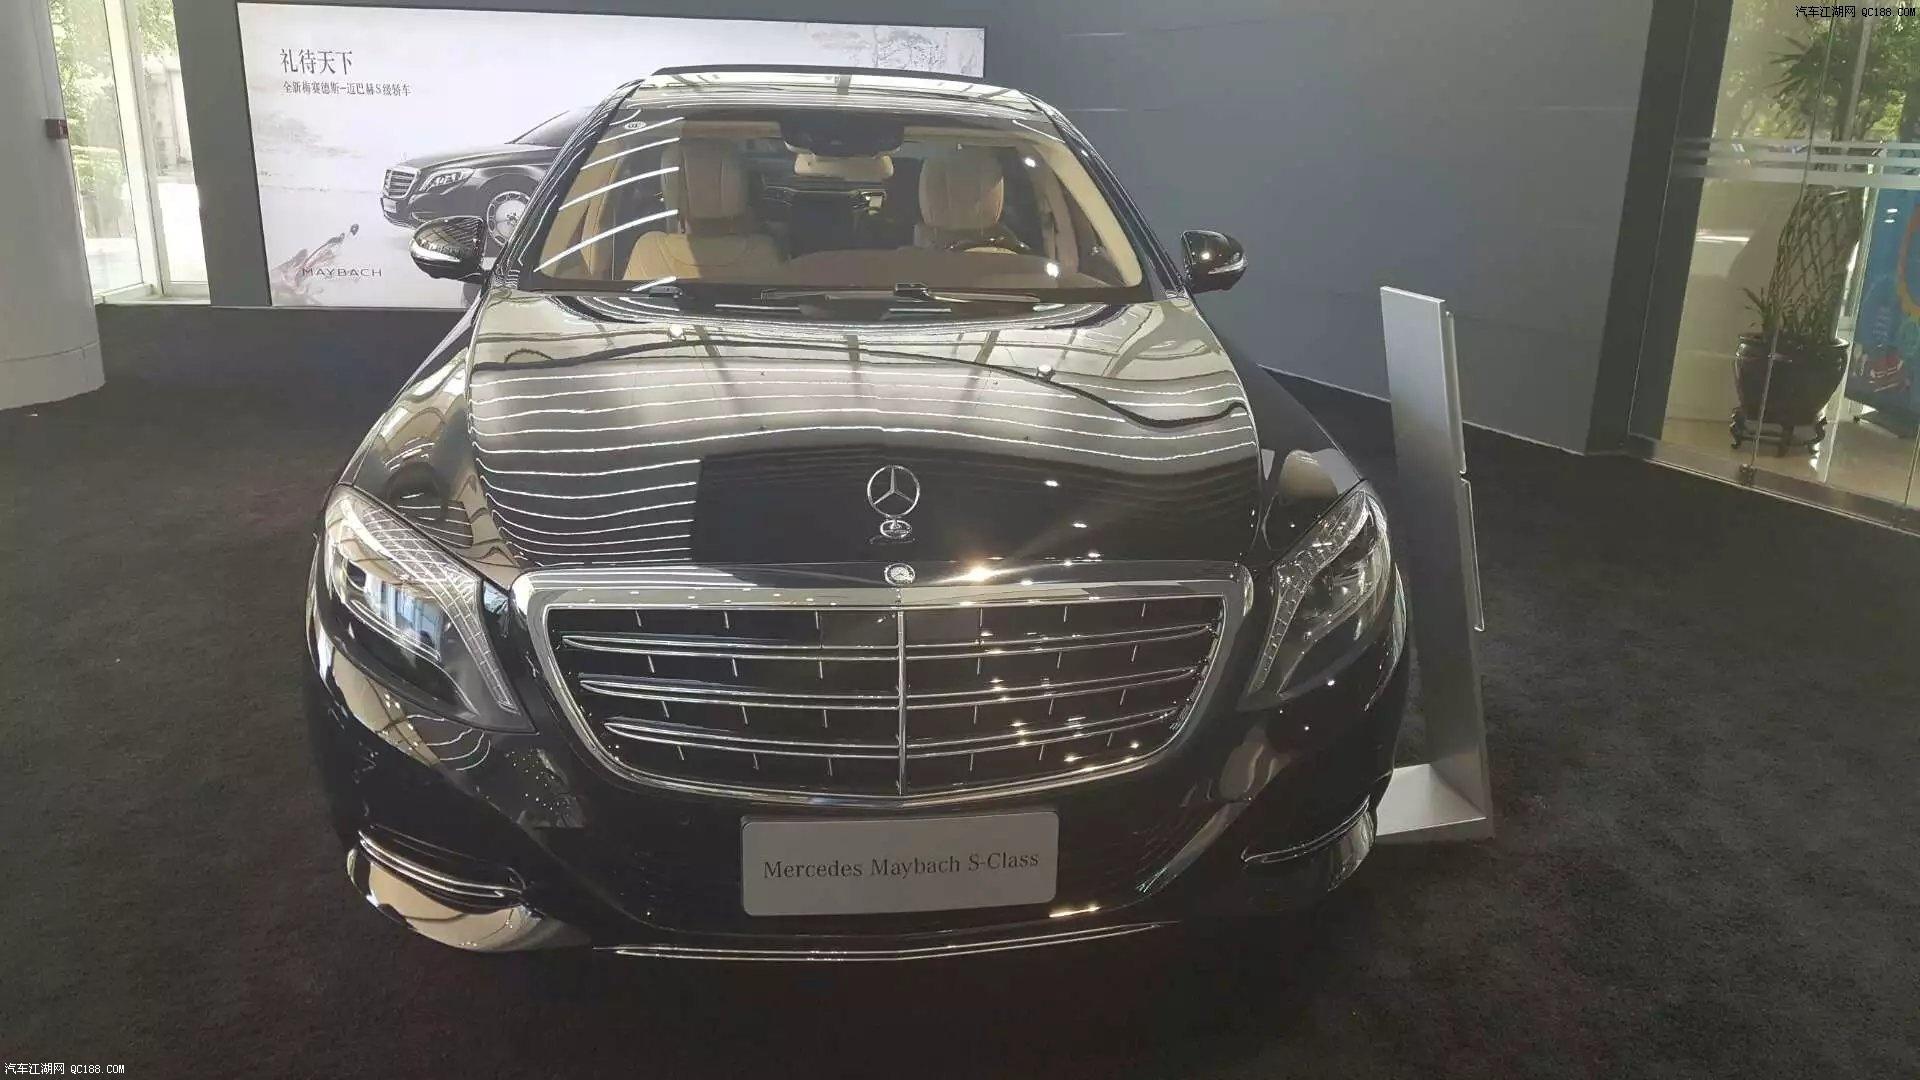 2017款奔驰迈巴赫s400 售146.8万 全新上市